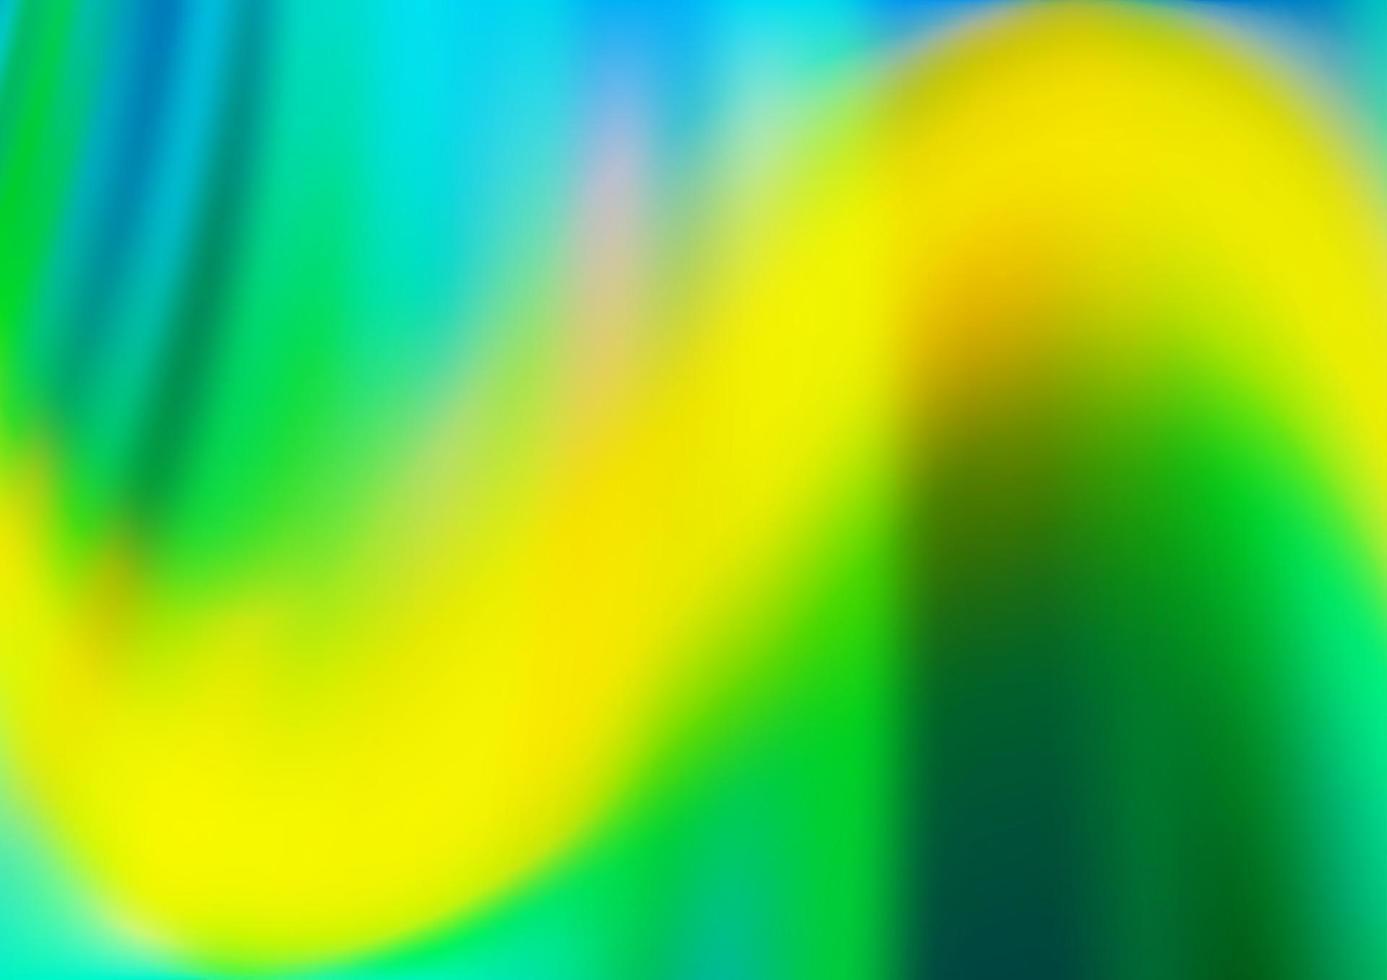 modelo de vetor verde escuro e amarelo com formas de lava.